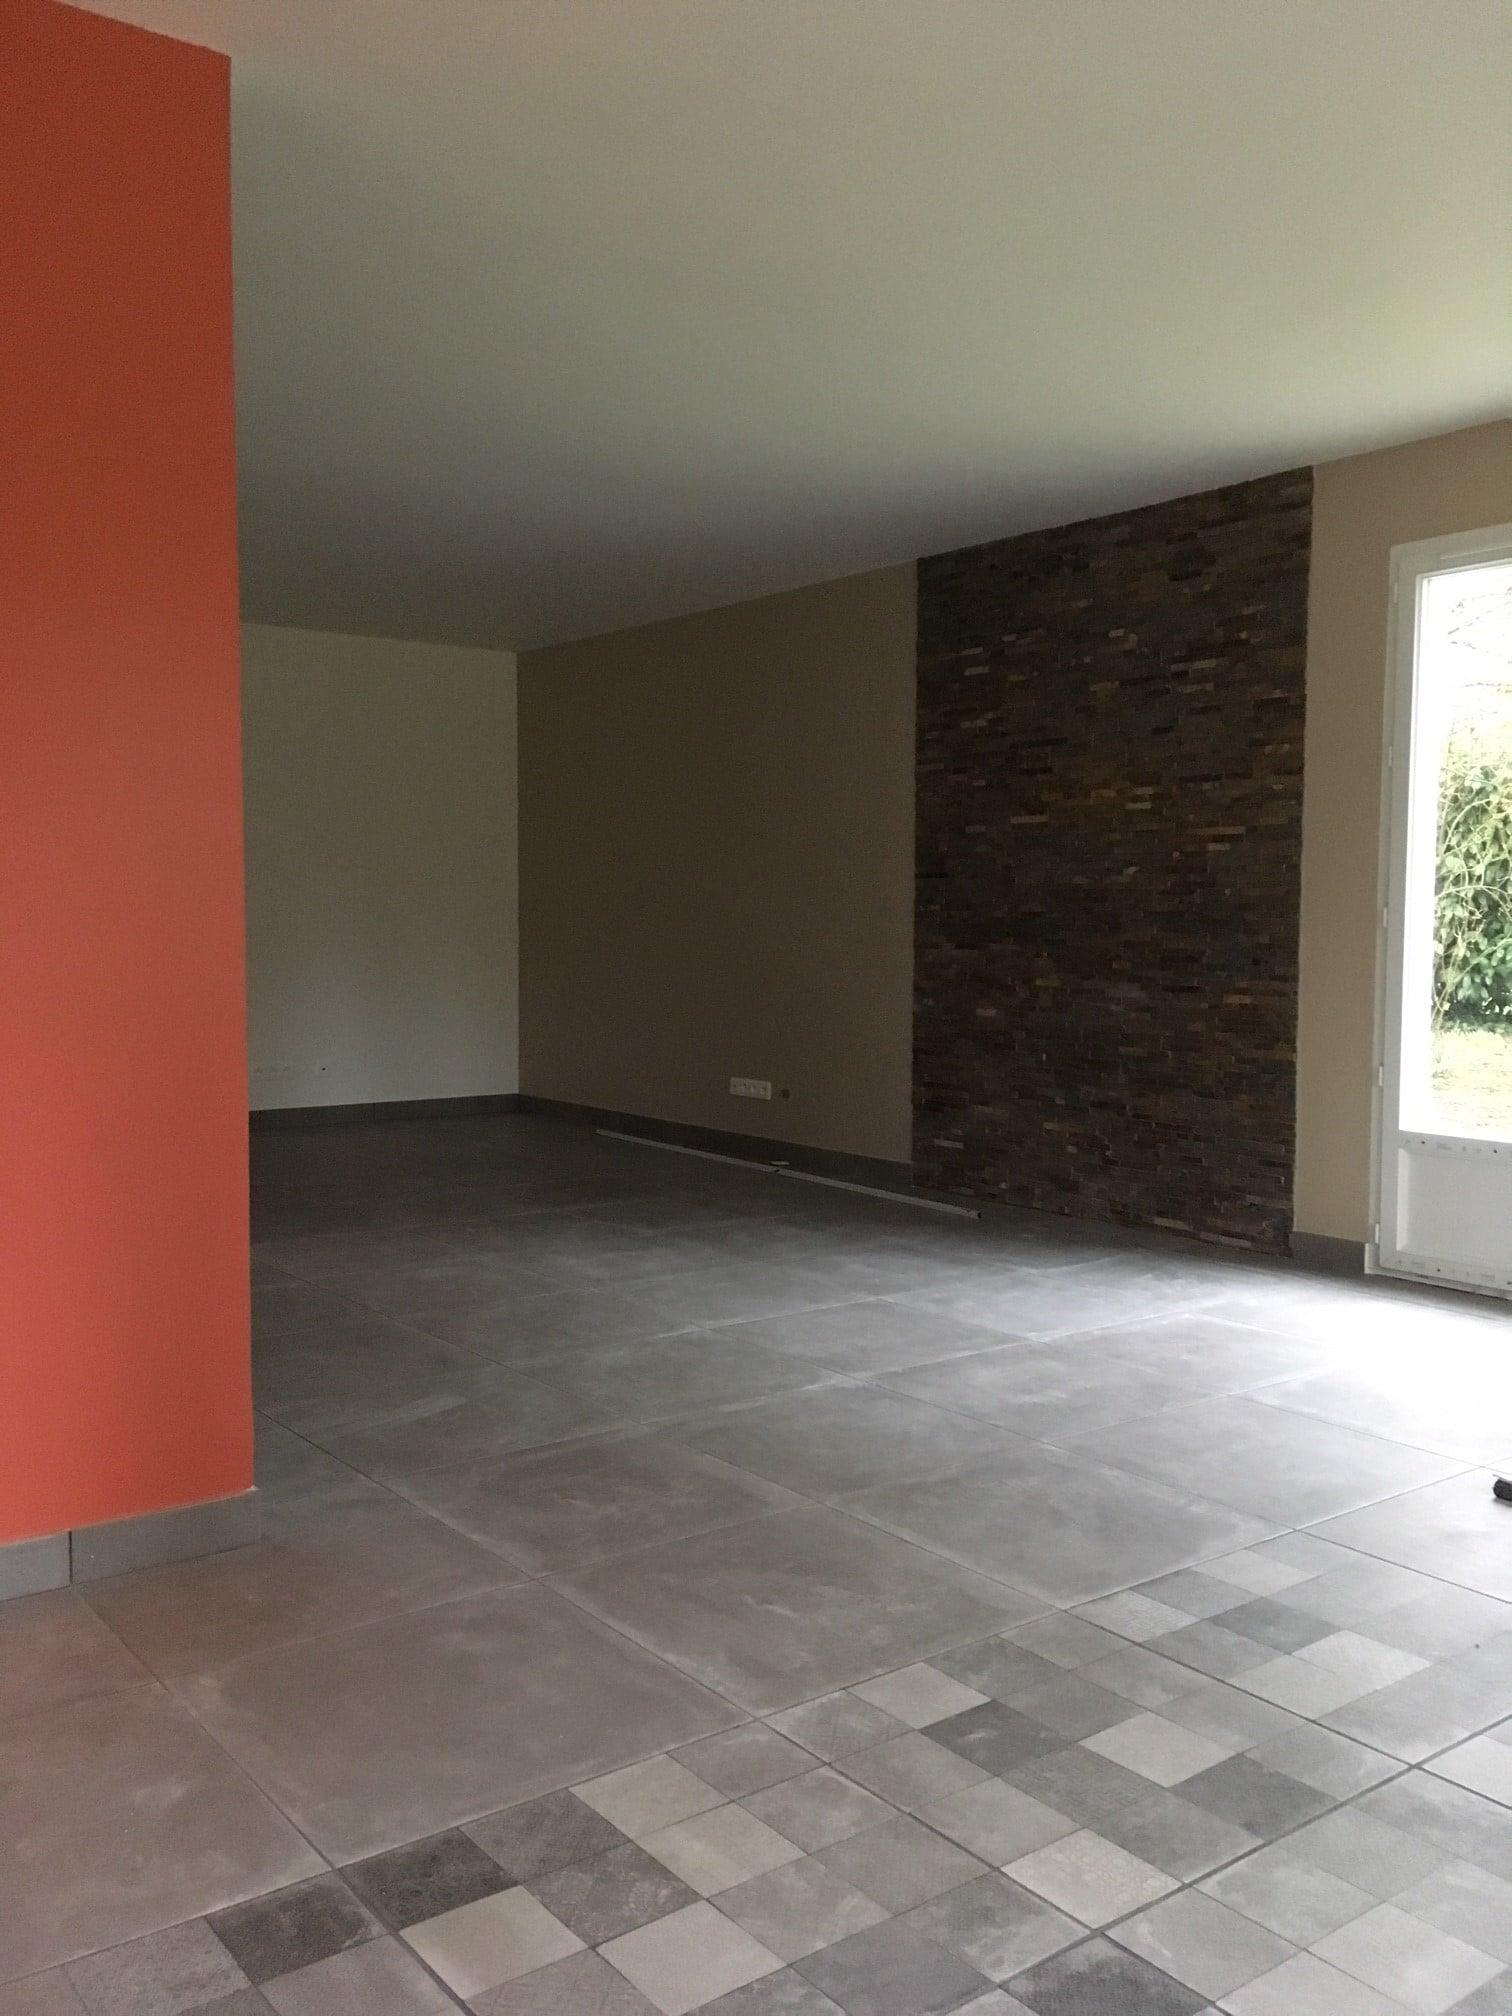 Rénovation d'une maison – Les Essarts Le Roi (78)